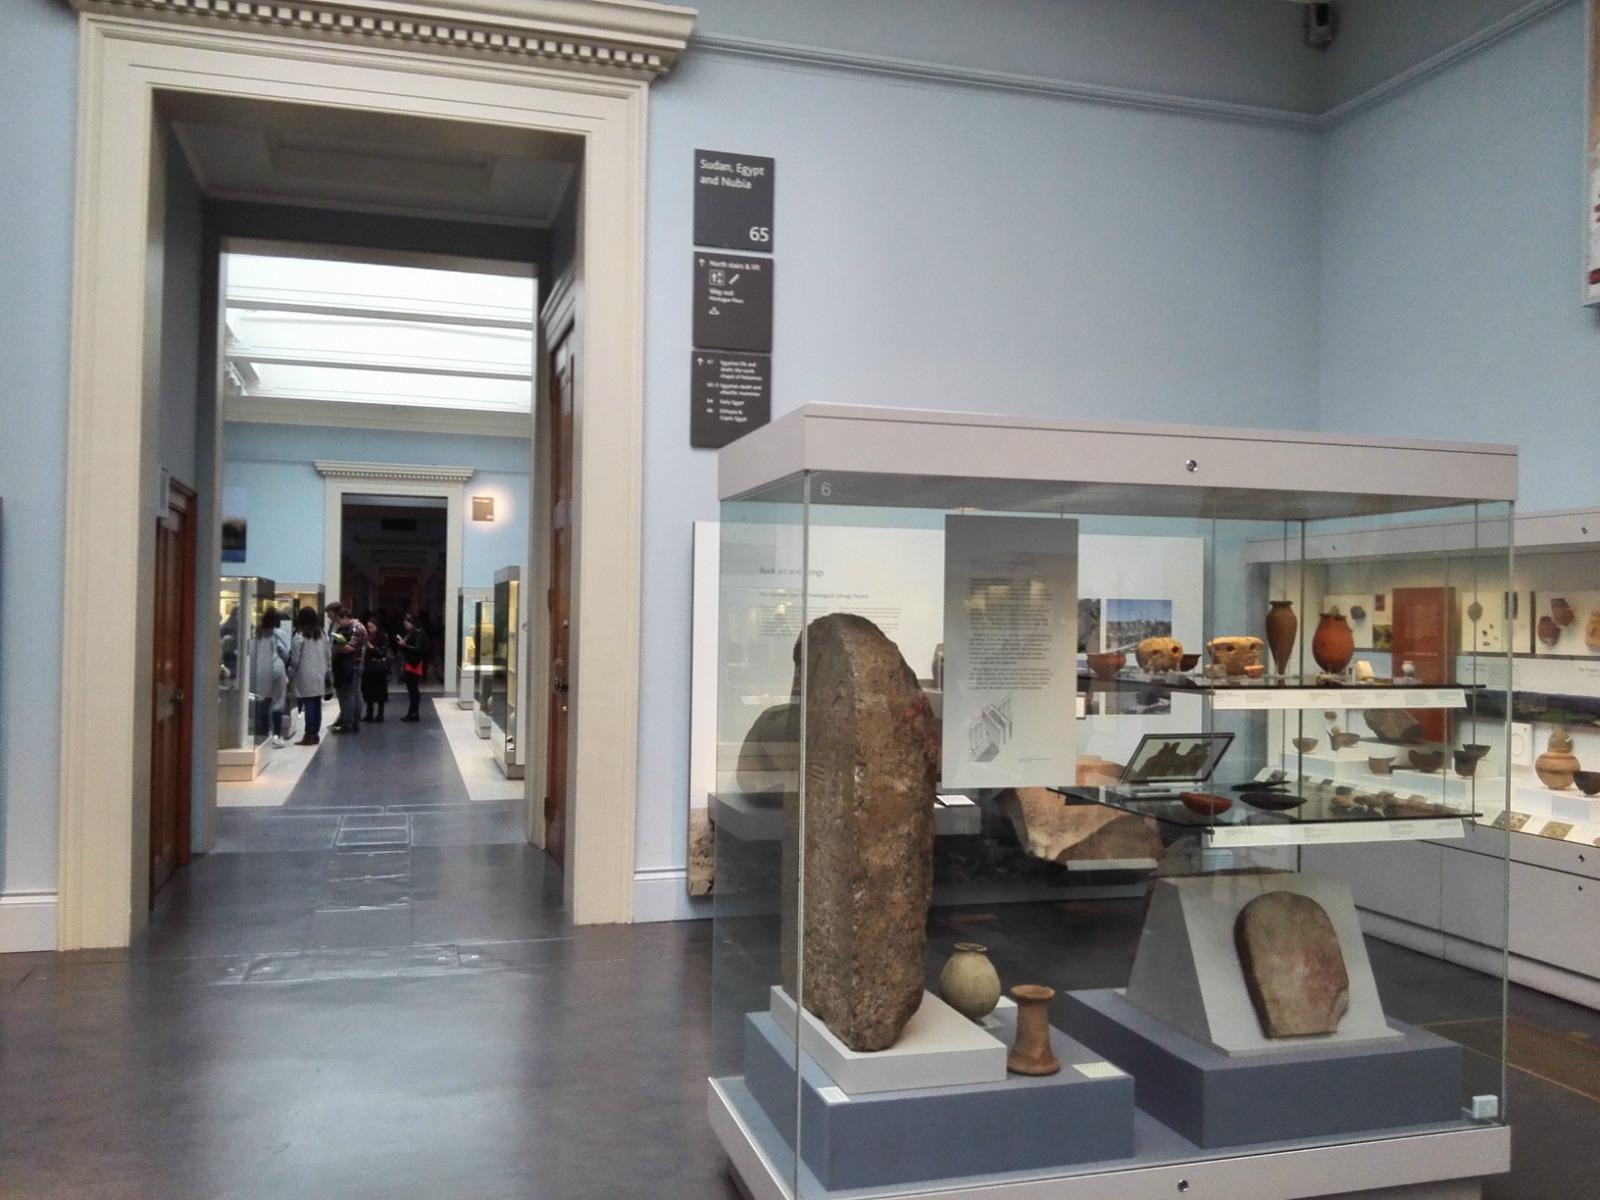 2019大英博物馆游玩奇迹,特别是埃及馆,非常令攻略攻略大话图片